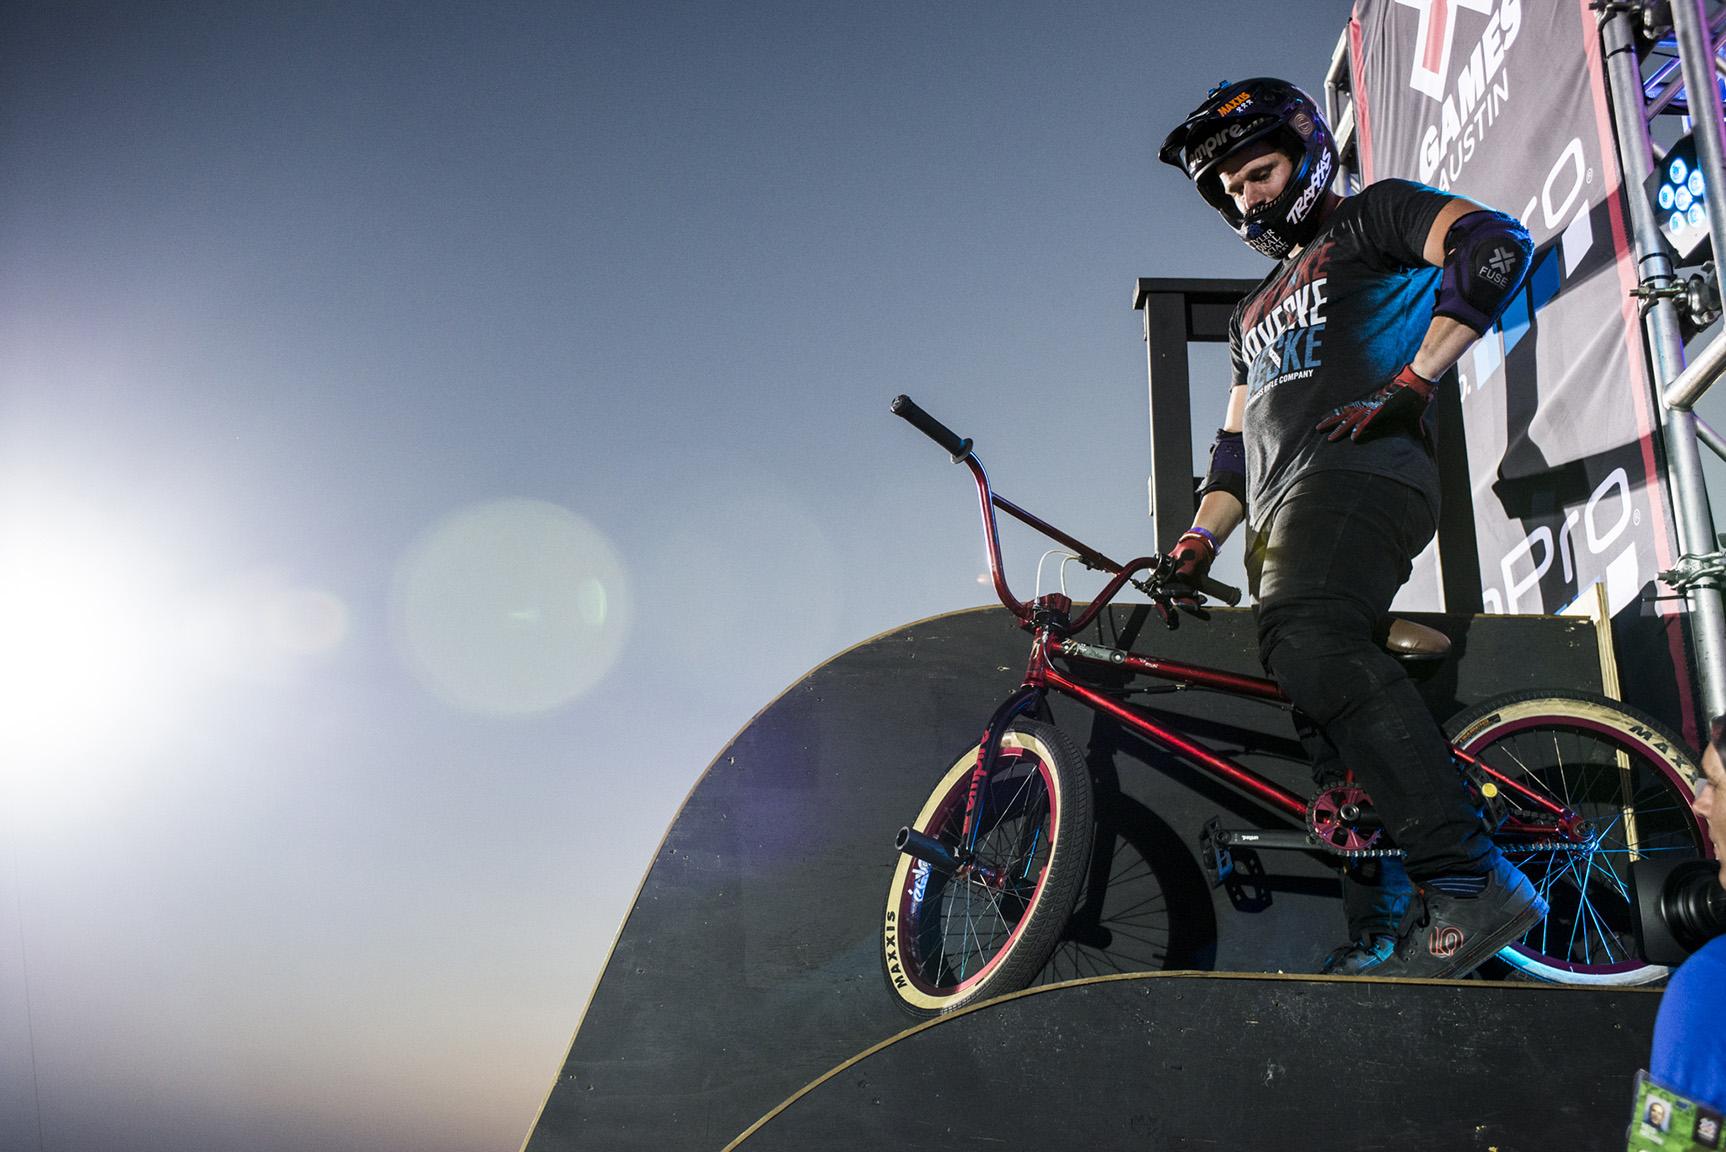 A new generation of BMX Big Air arrives